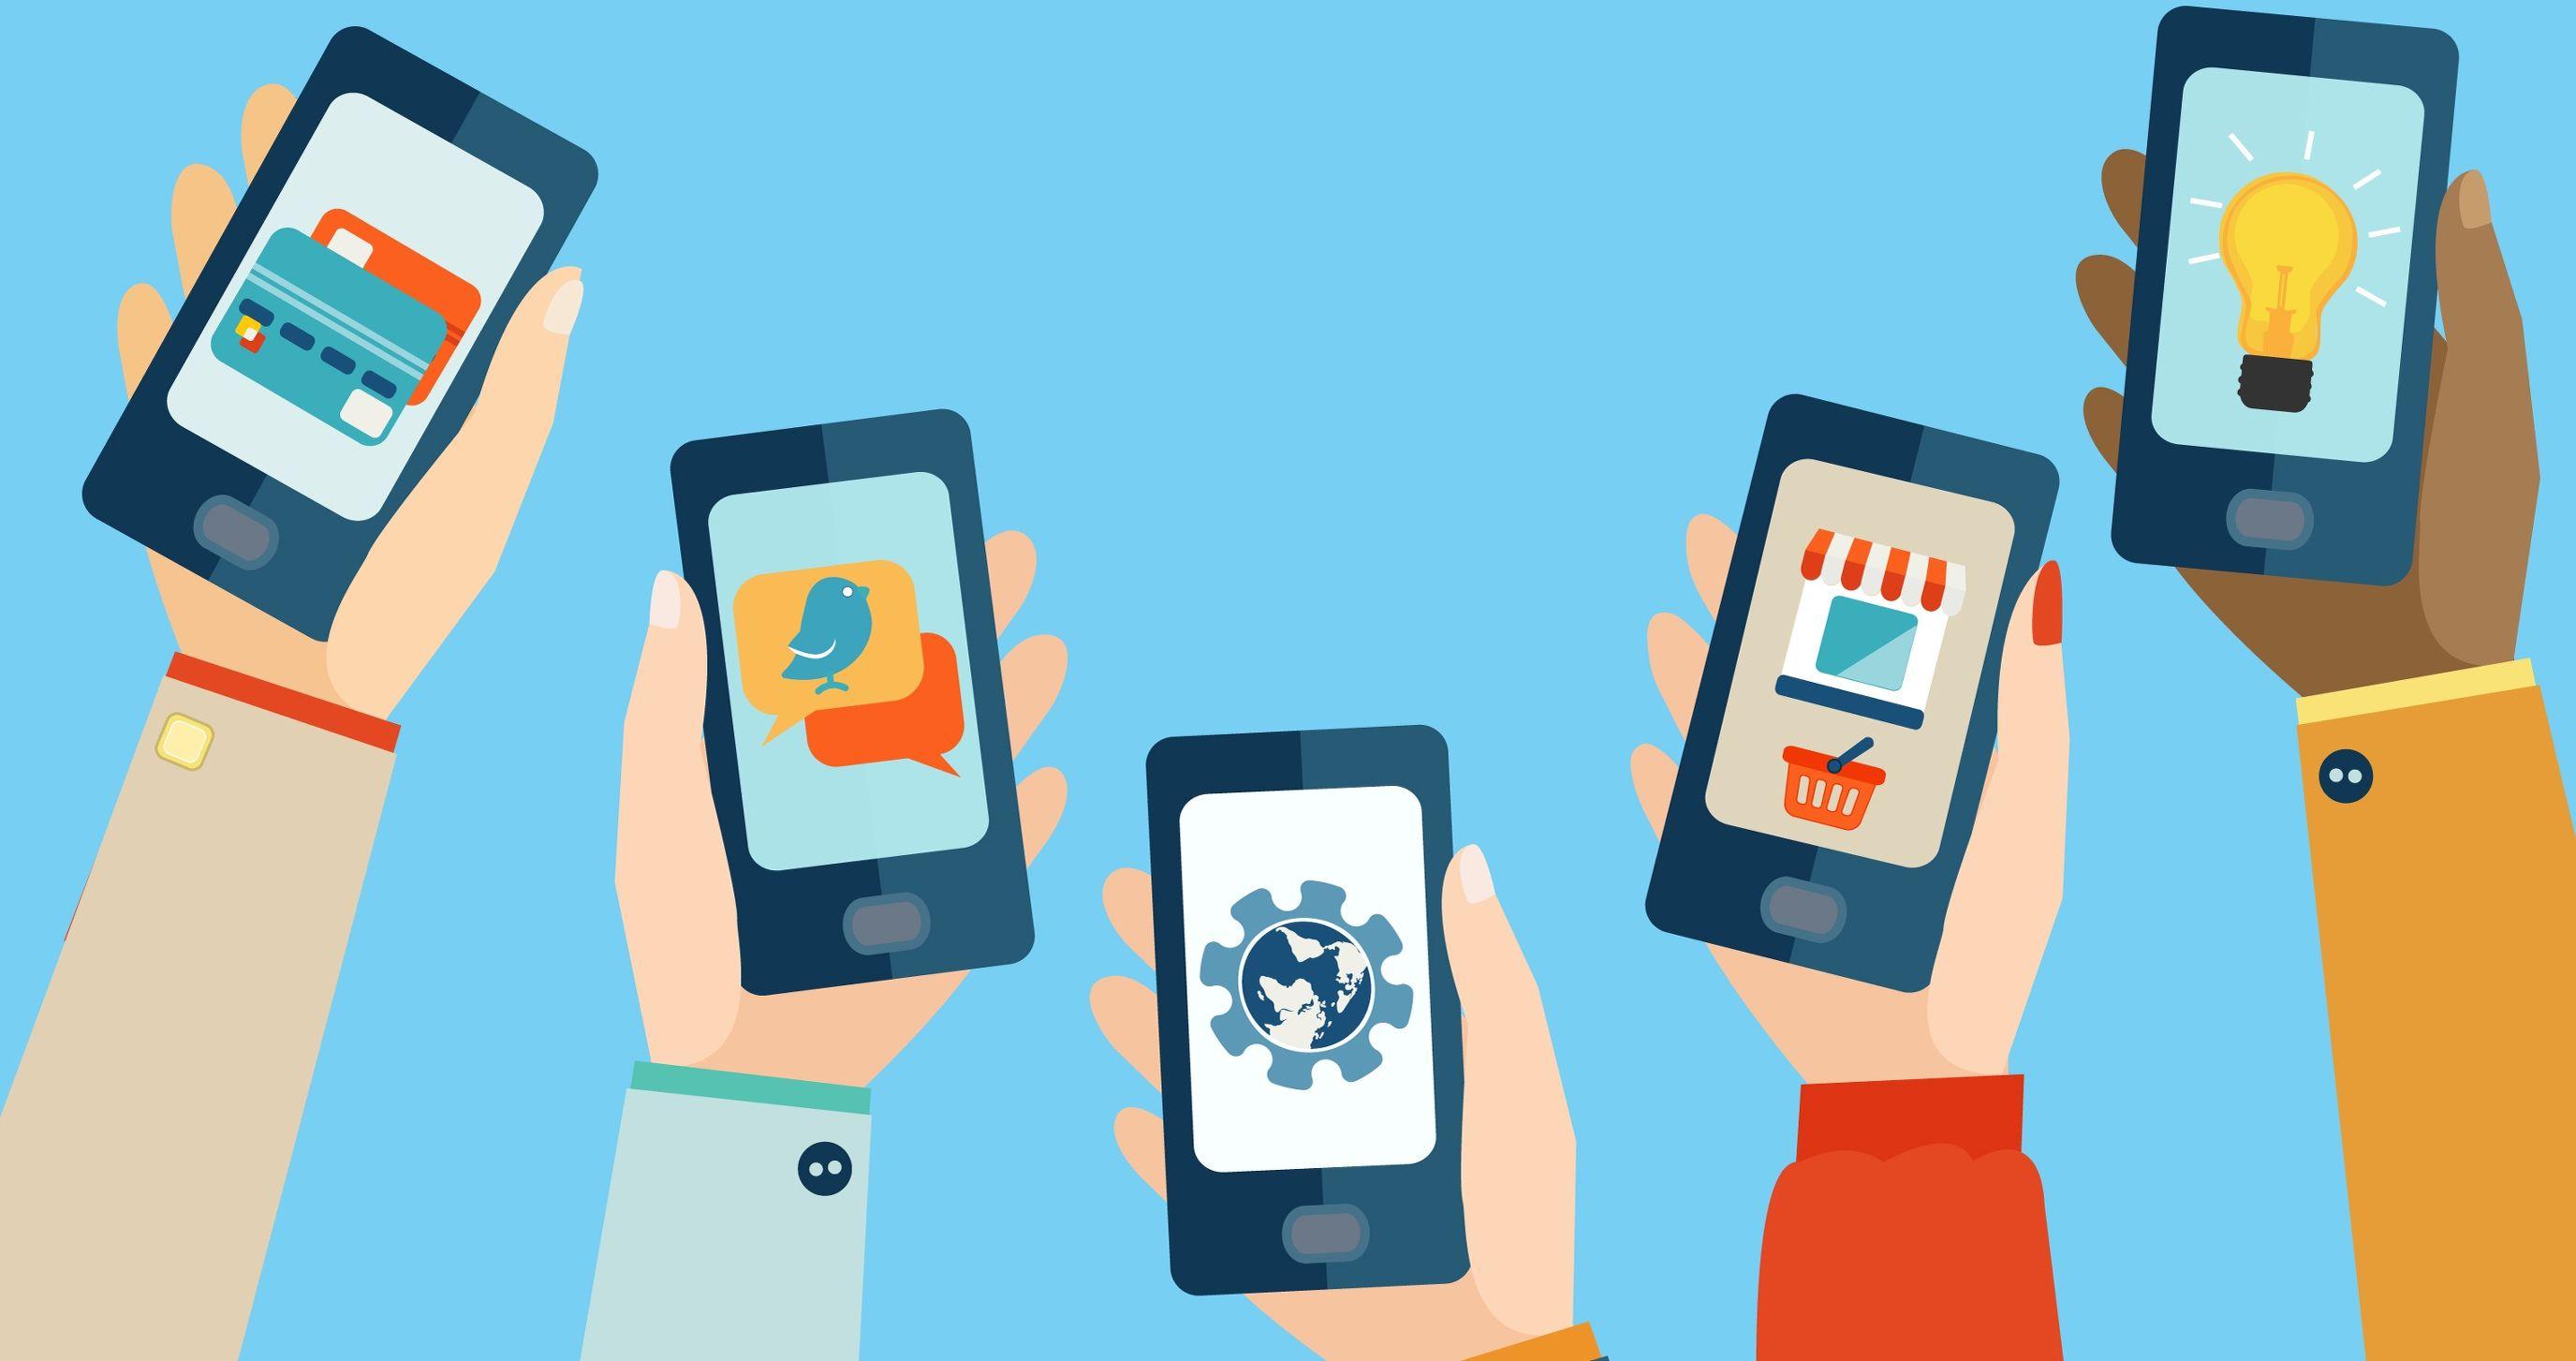 不用找软件亚博官网首页公司,普通人也可5分钟傻瓜式自己亚博官网首页制作app了